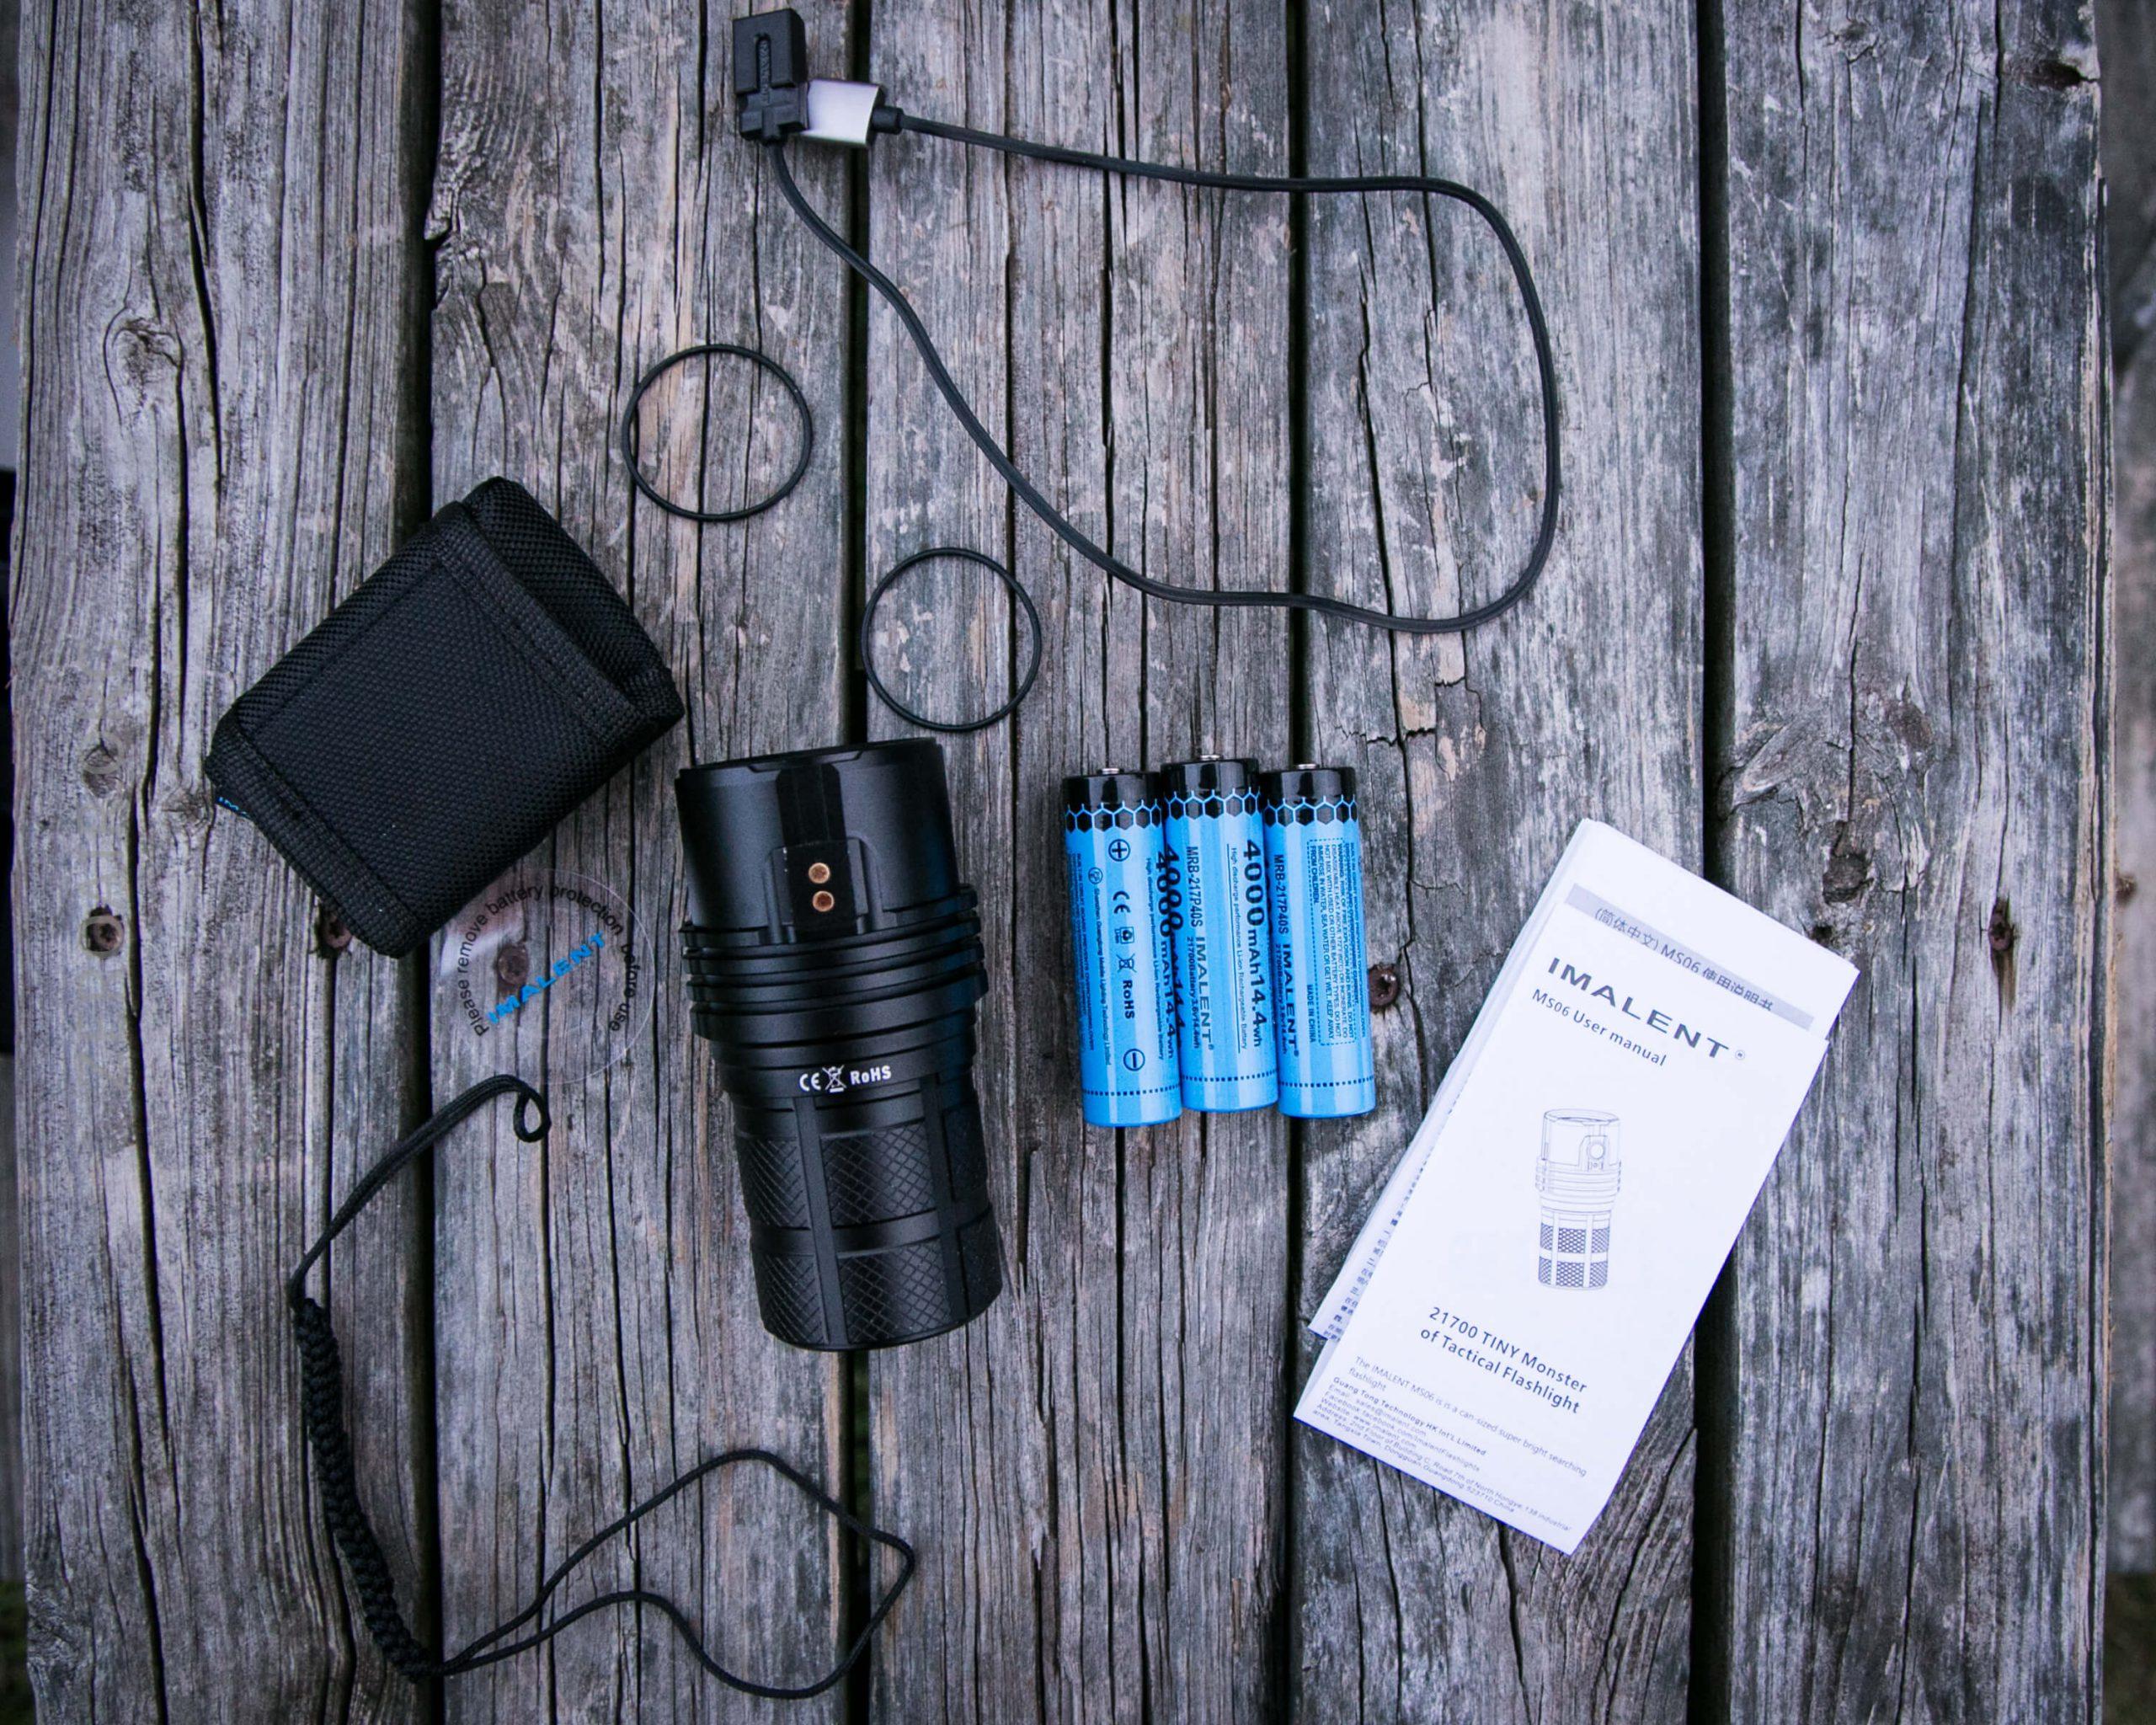 چراغ قوه به همراه باتری و دفترچه راهنما